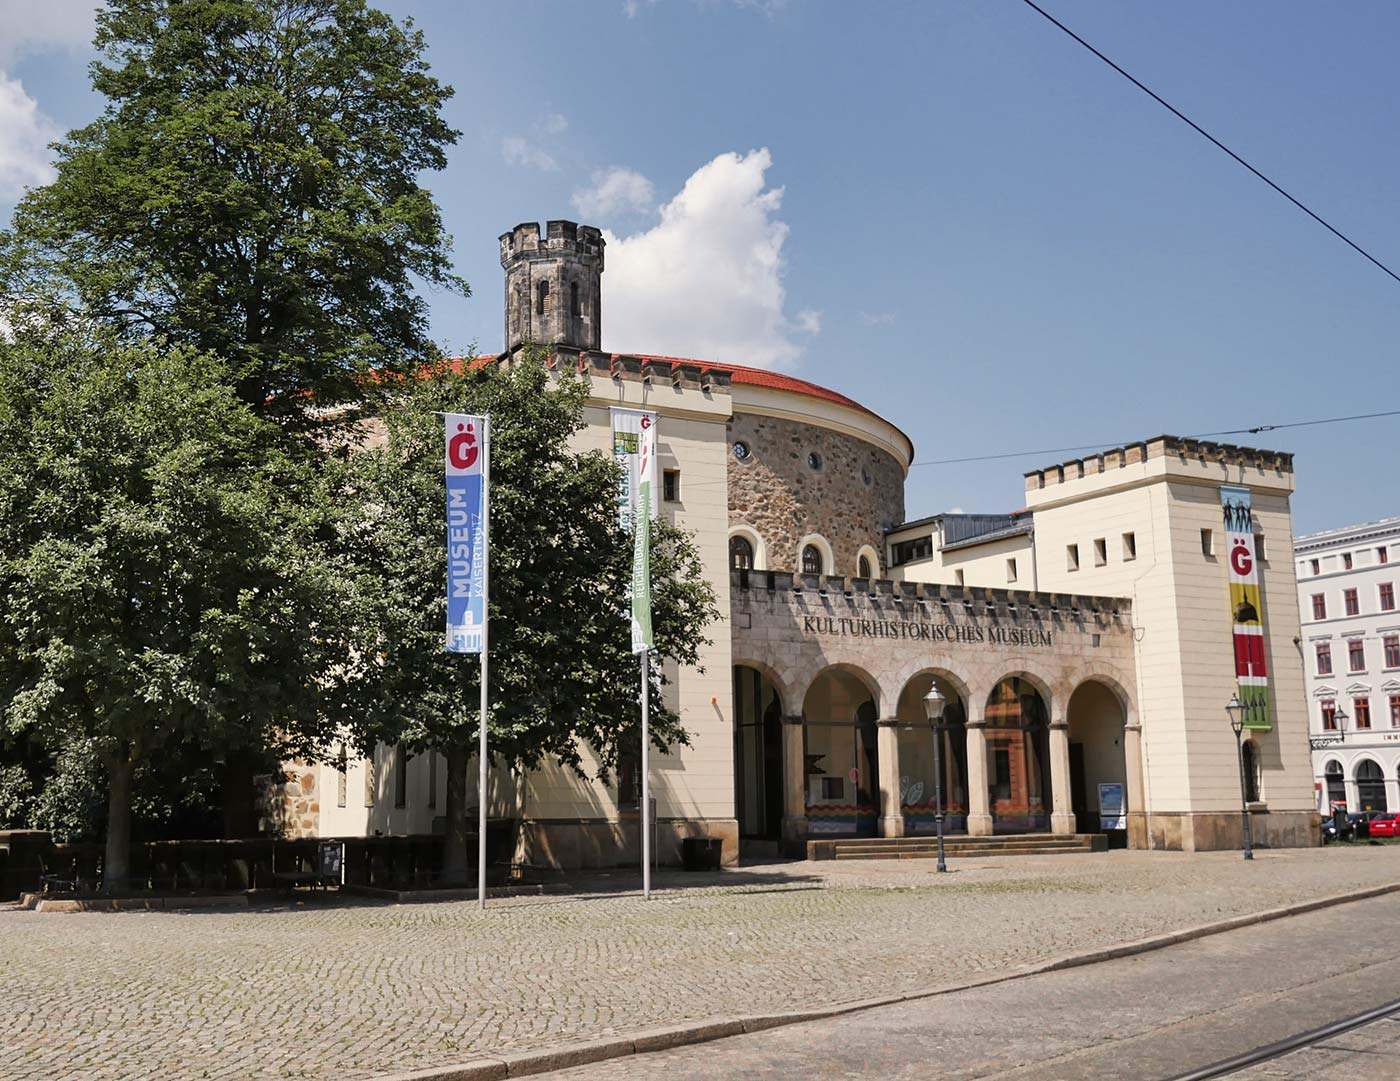 Kaisertrutz Bastei